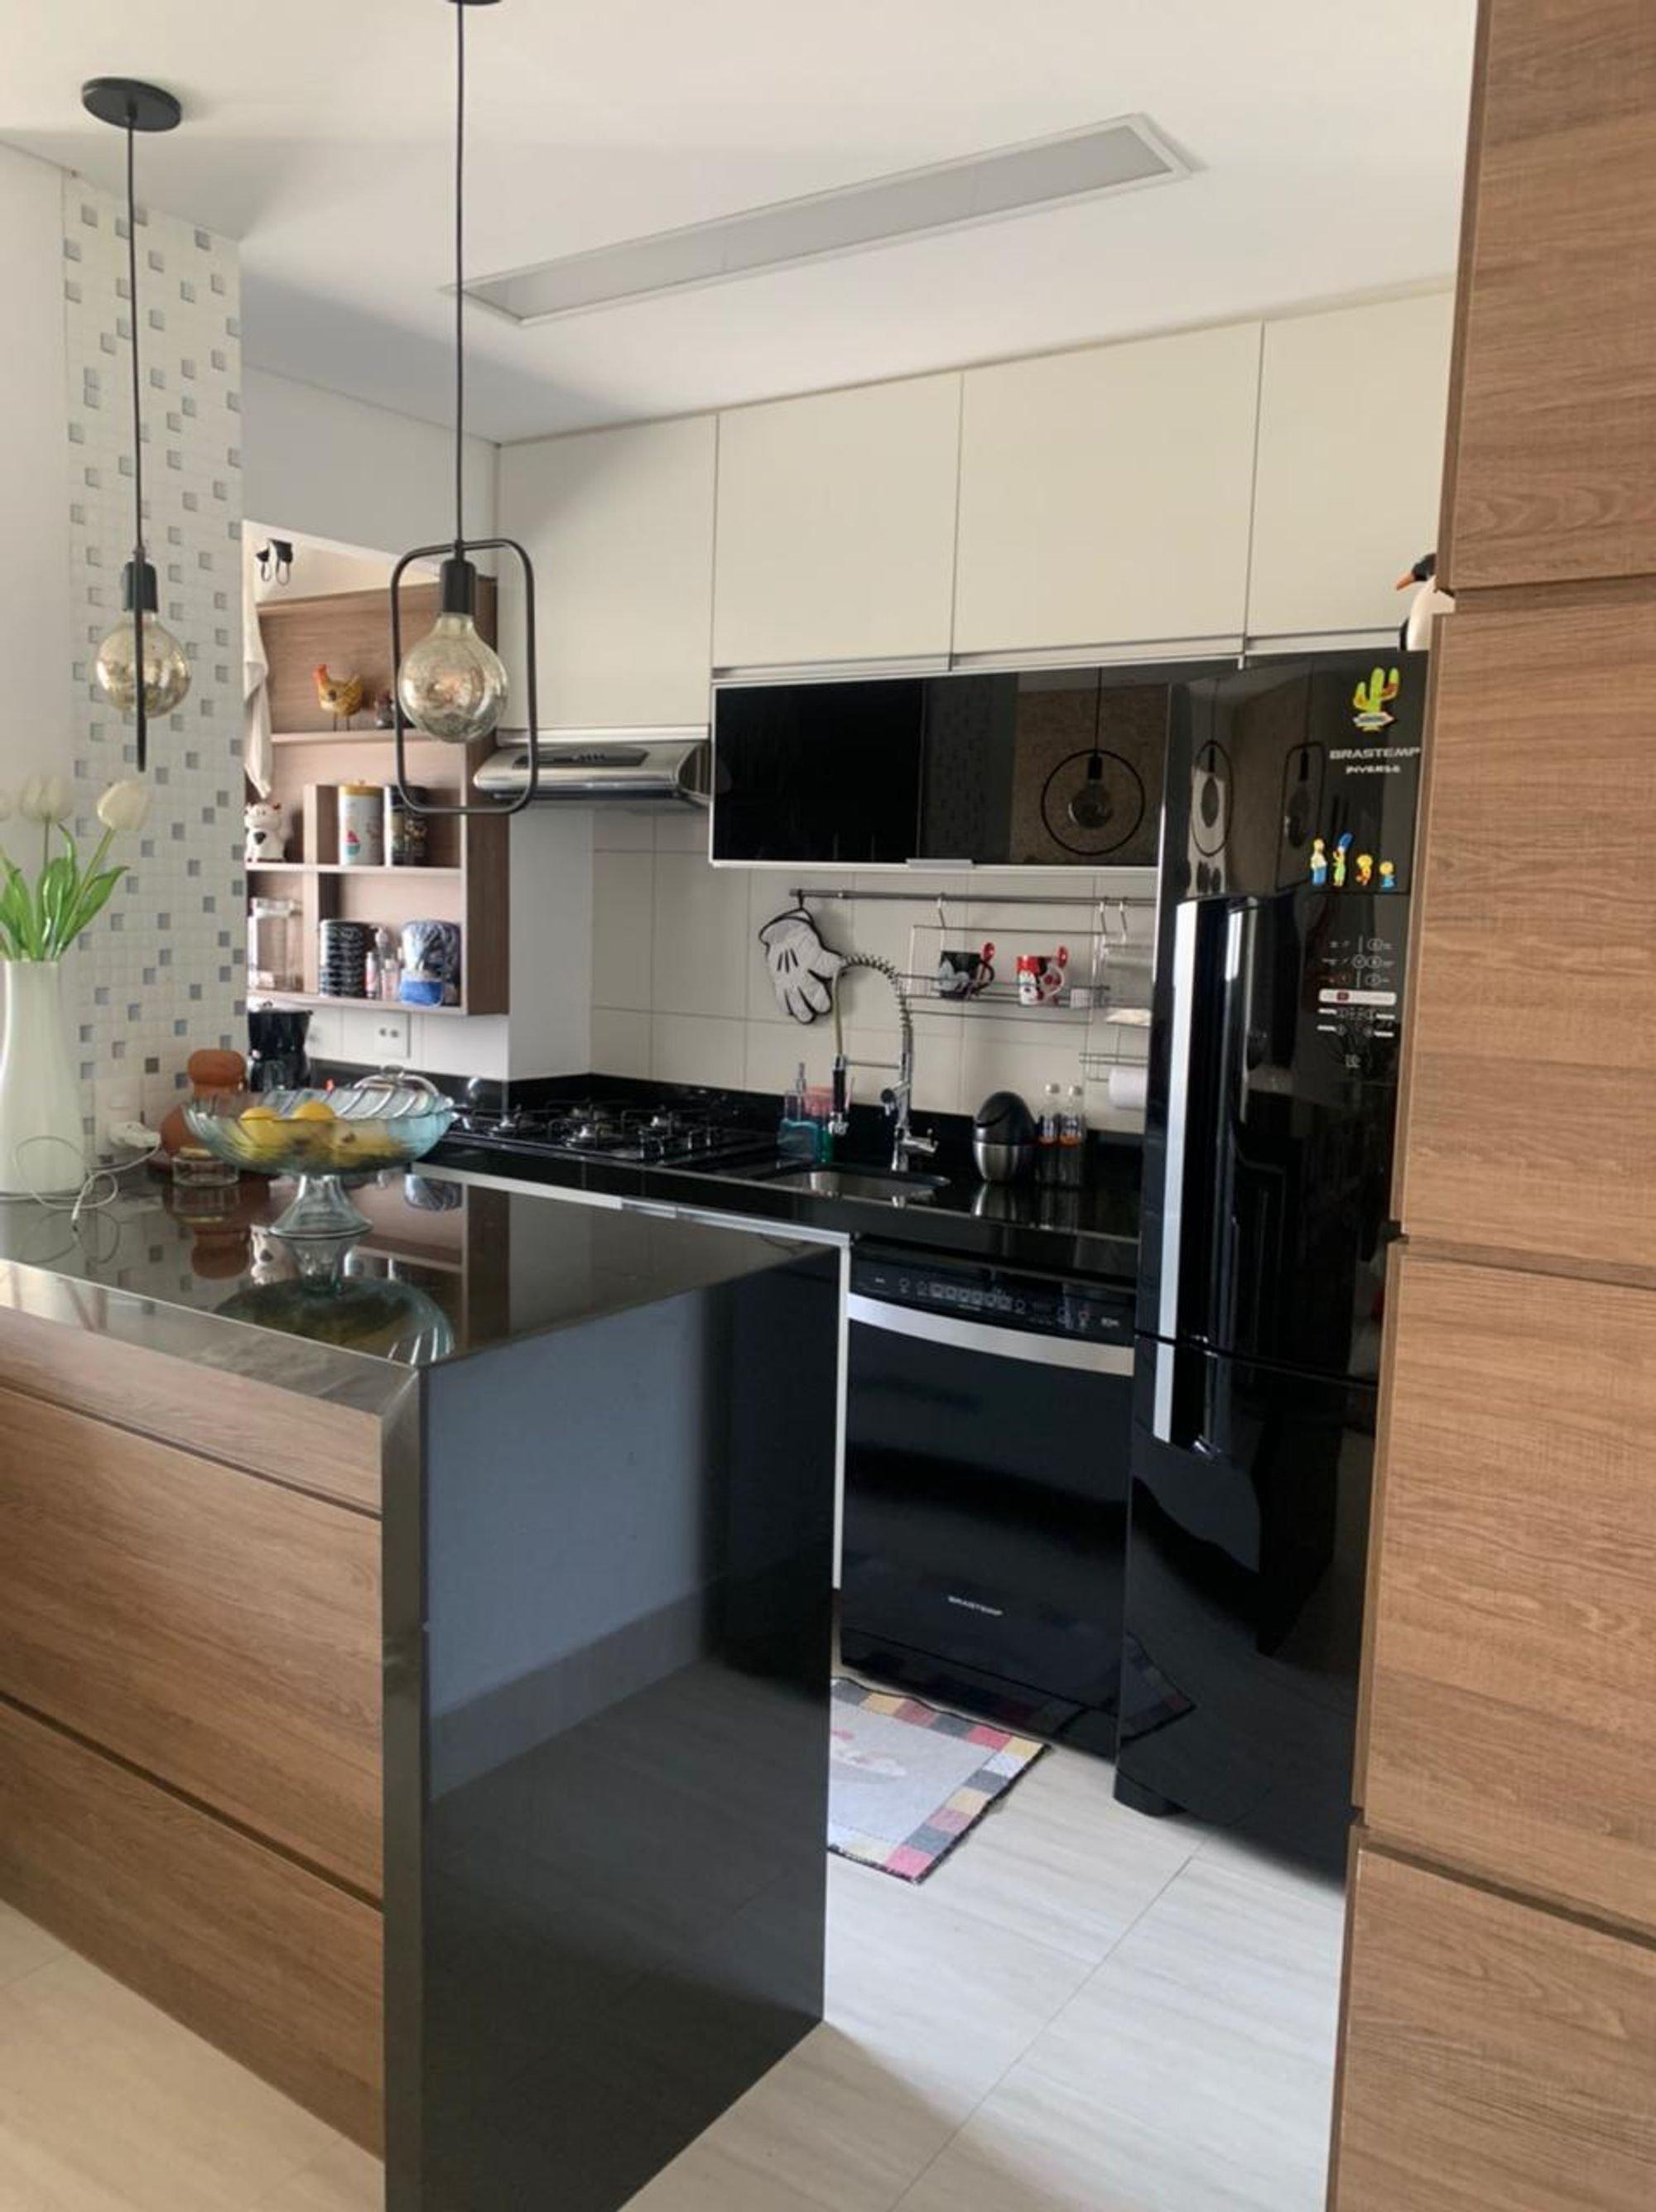 Foto de Cozinha com geladeira, vaso